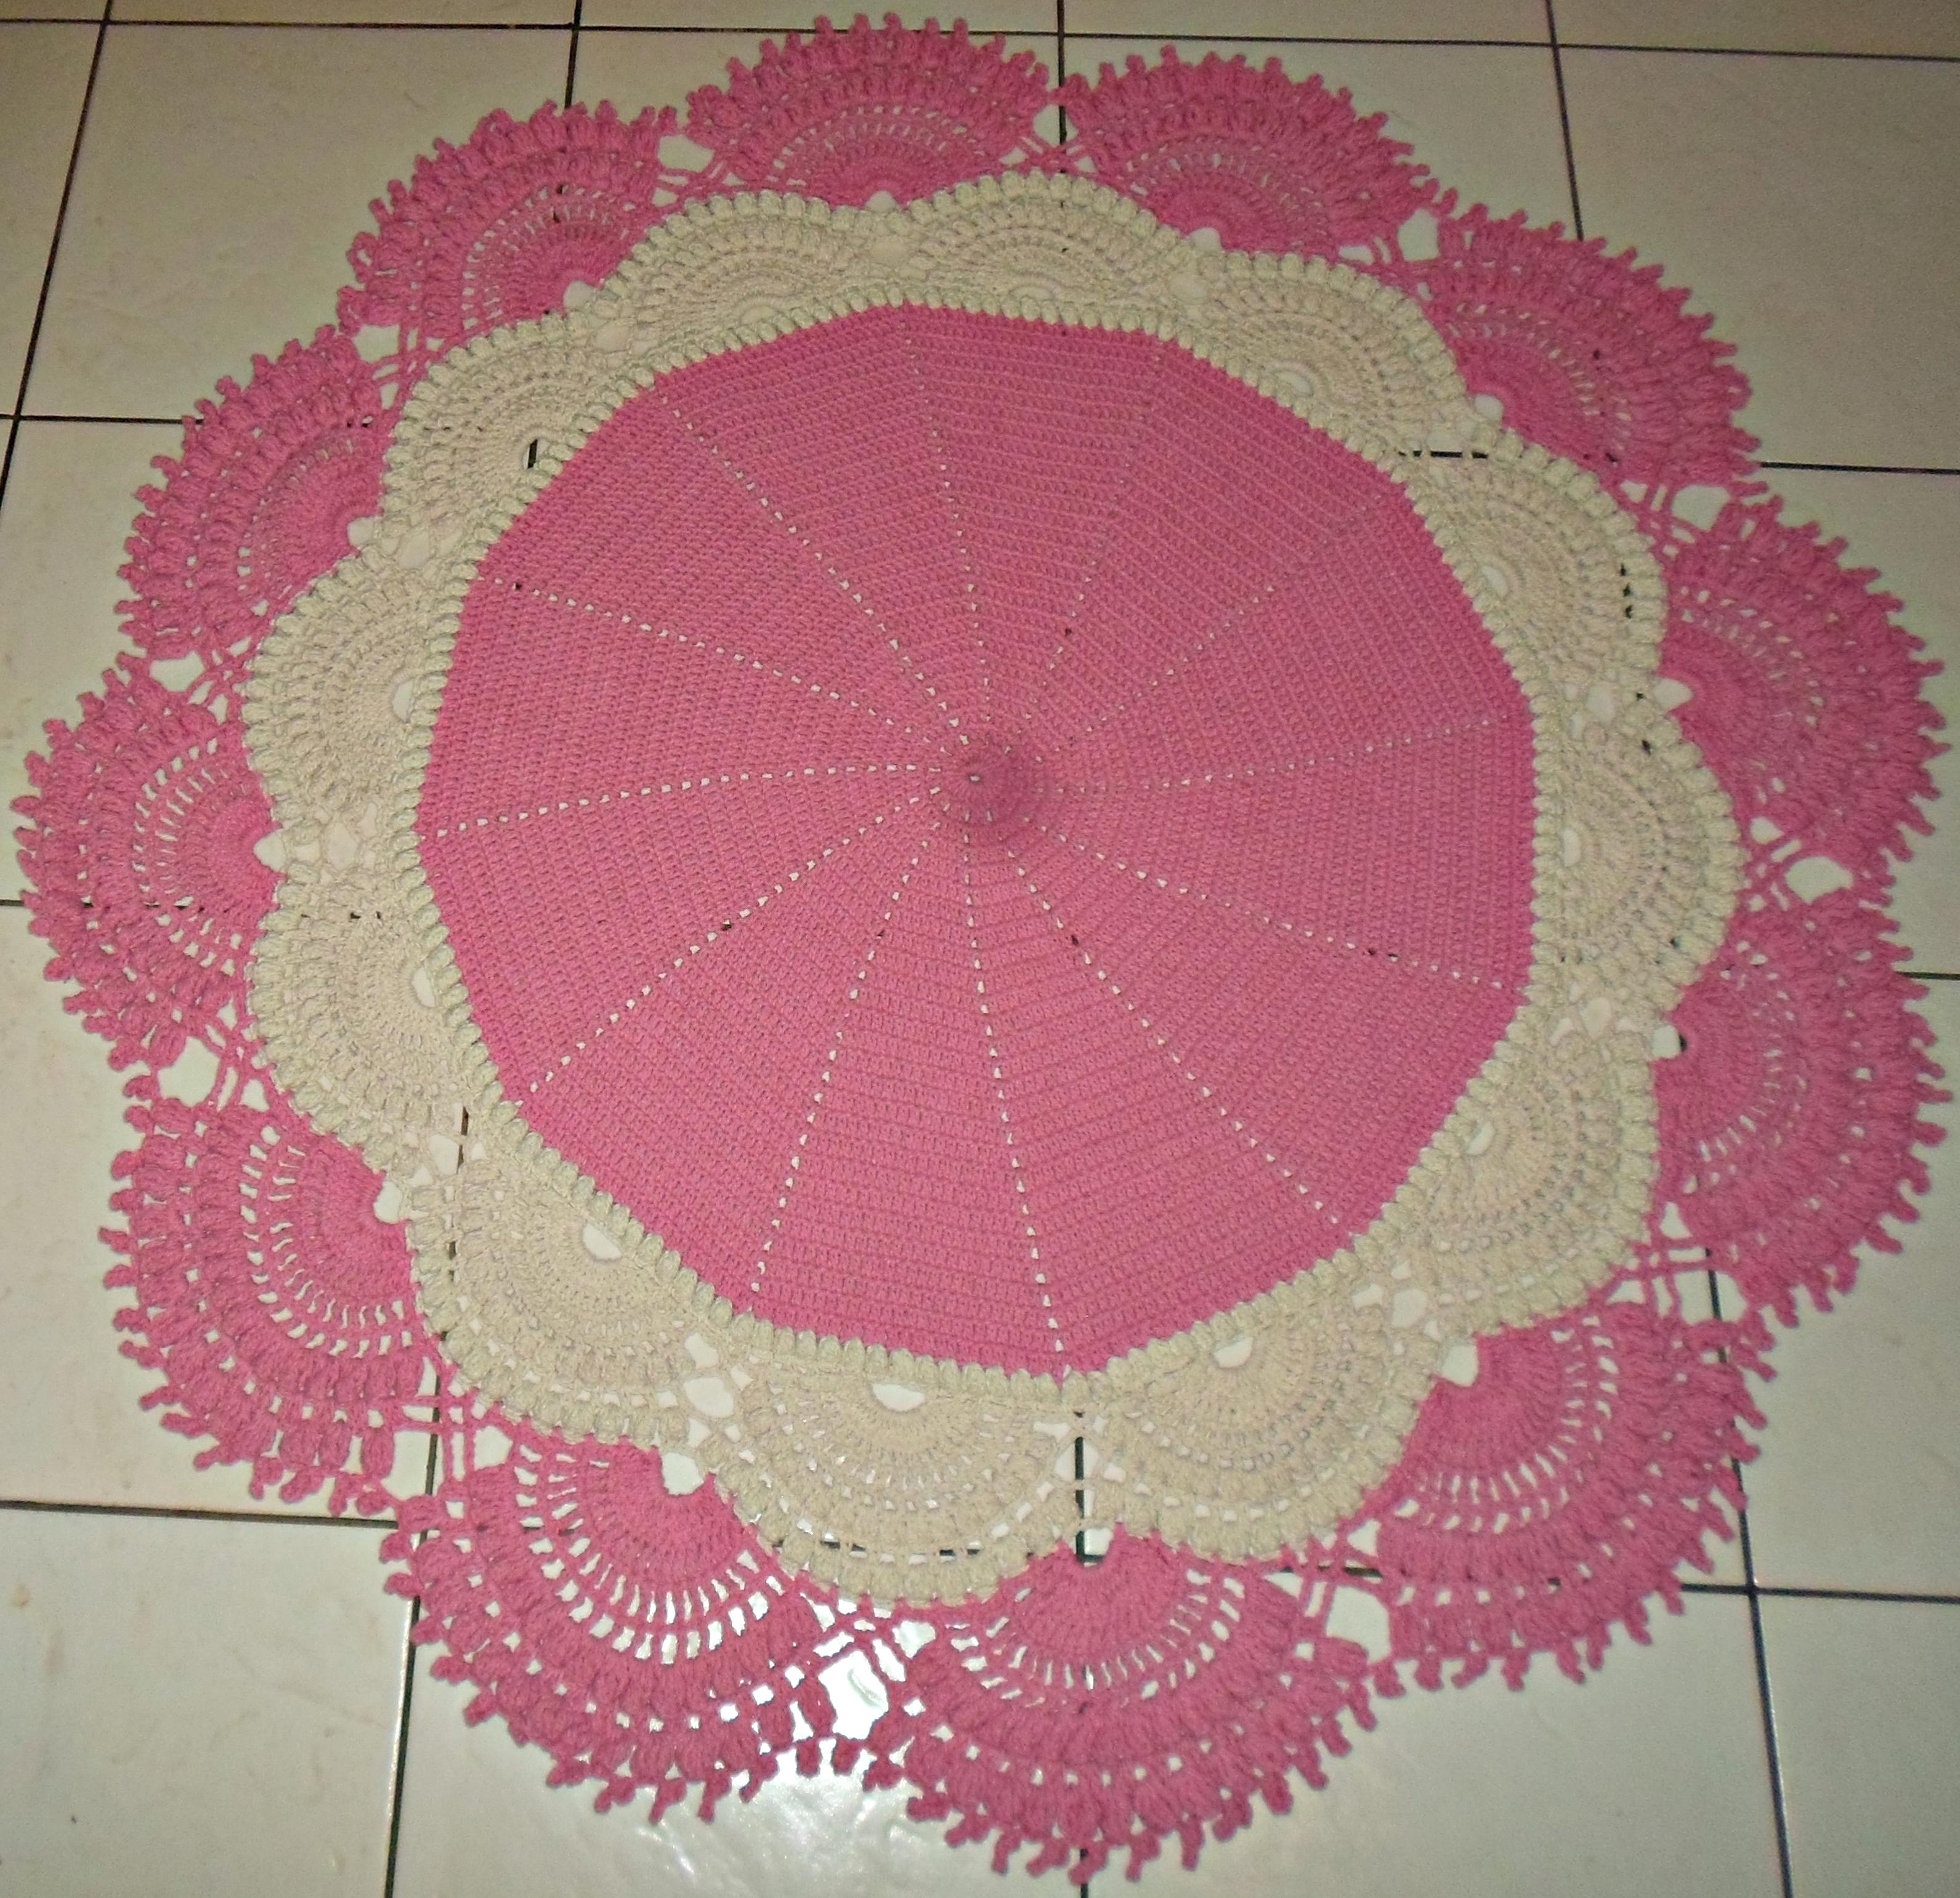 tapete de crochê para quarto infantil rosa